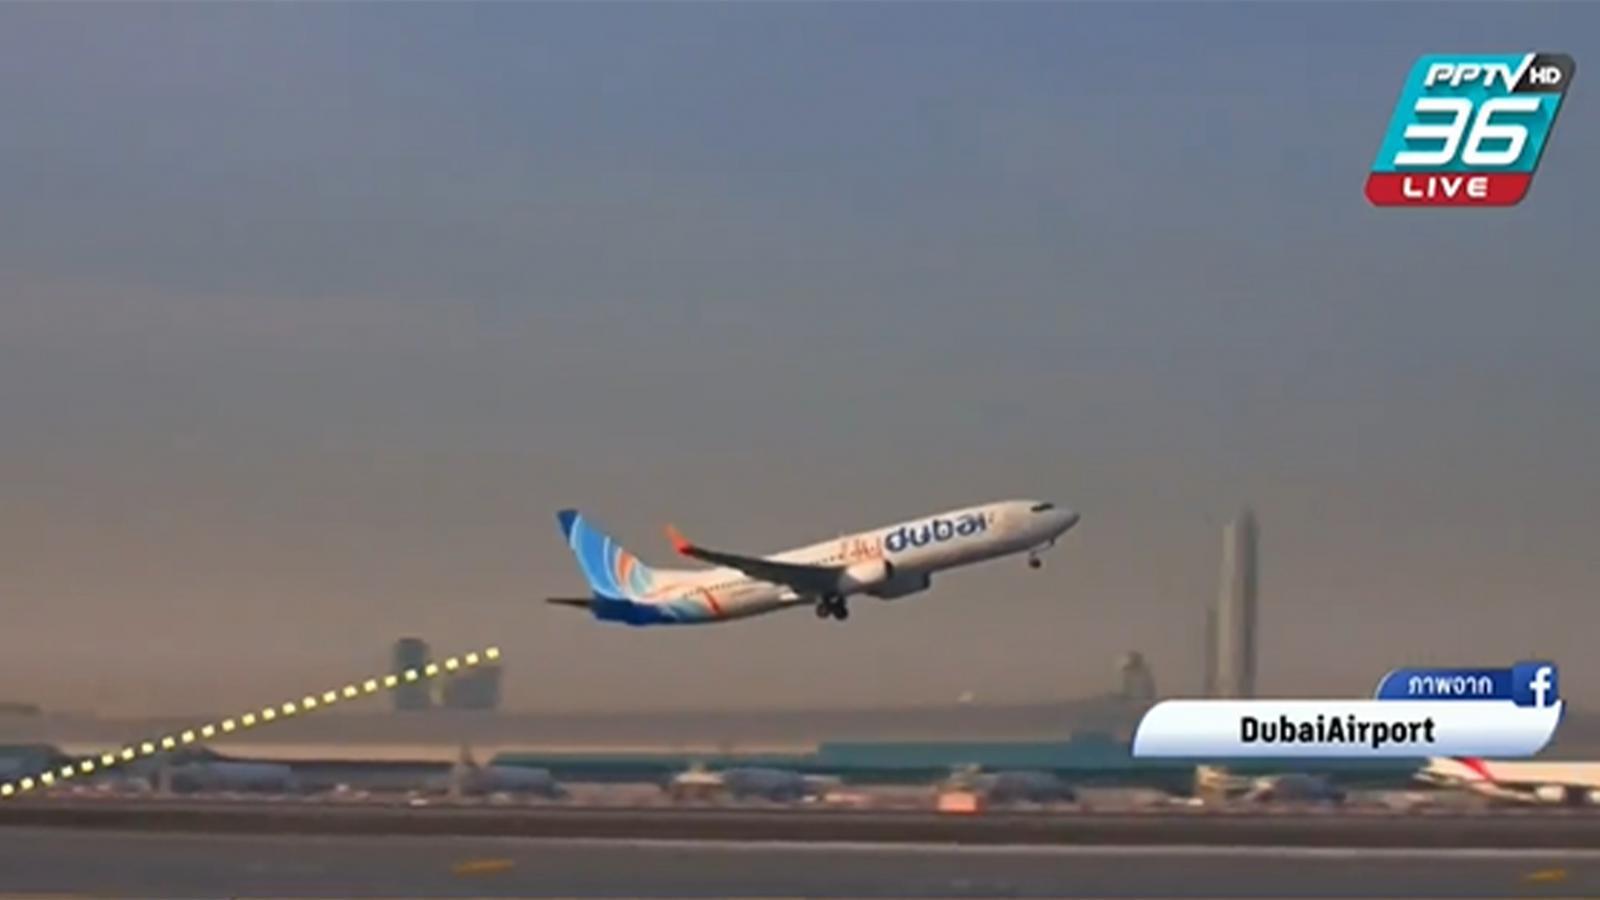 สนามบินดูไบรั้งเบอร์  1 คึกคักที่สุดในโลก